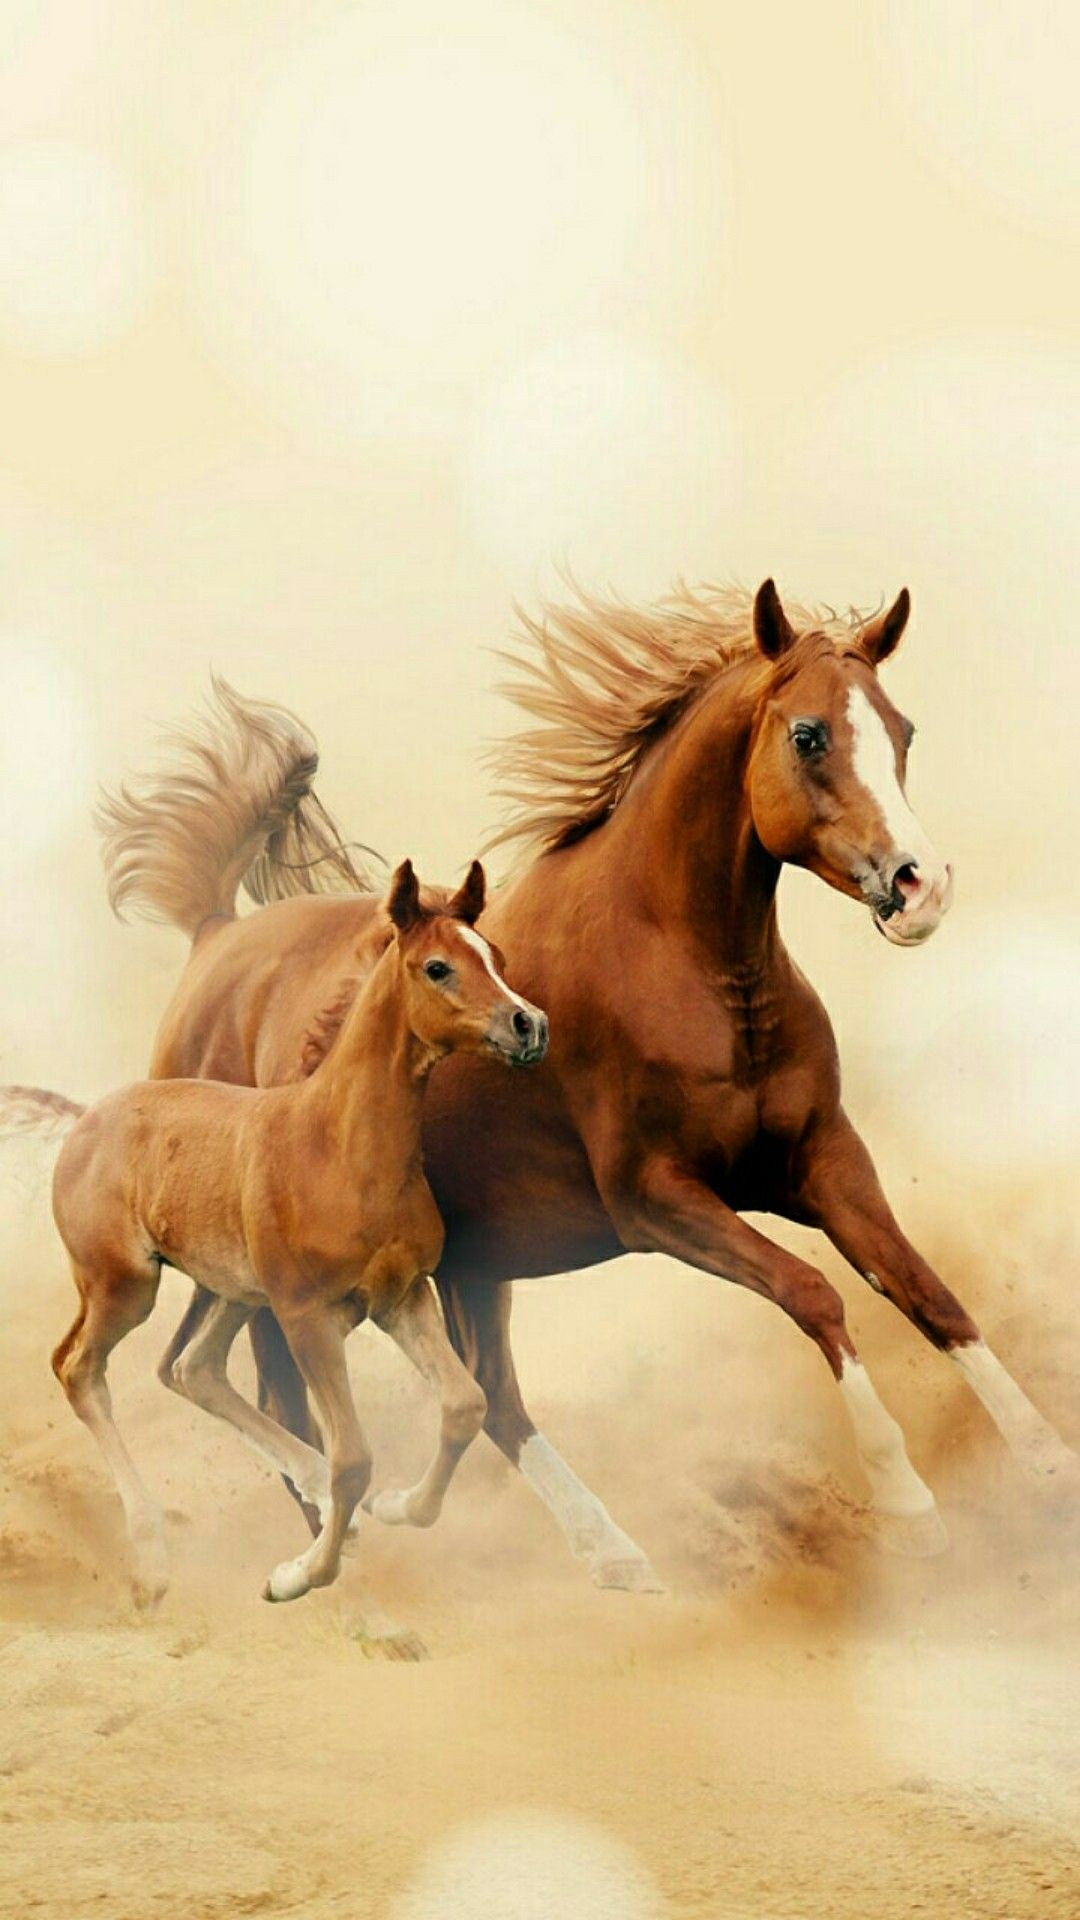 Beautiful Horse And Pony Wallpaper Horses Horse Wallpaper Show Horses